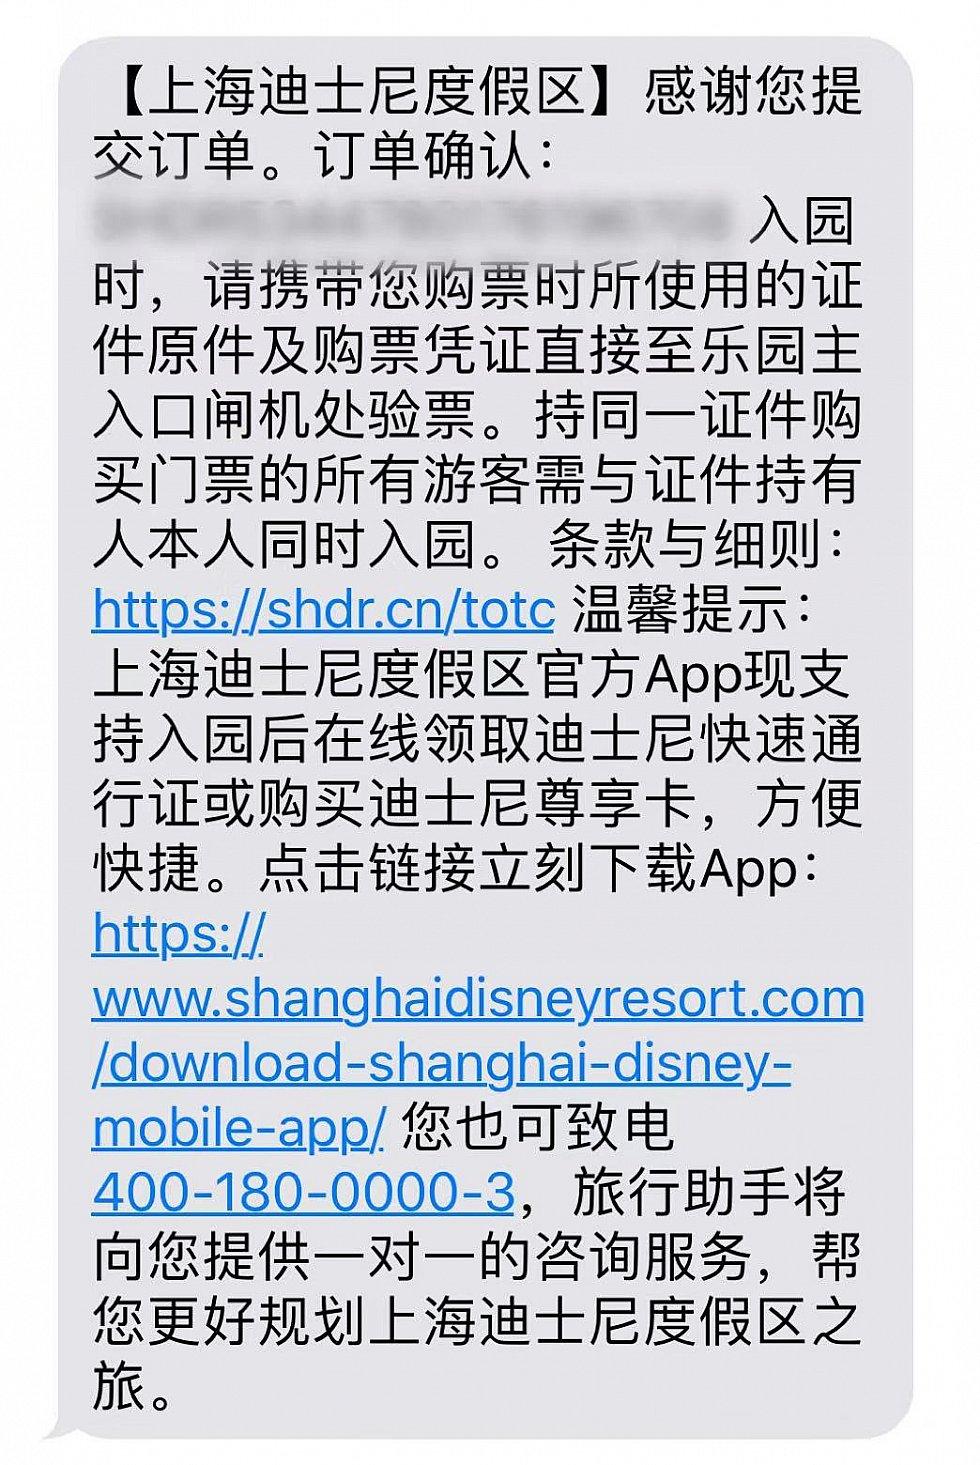 公式アプリで購入すると公式Wechatで購入した時には無かったSMSでの通知もありました。SMSにも「确认号」が記載されています。